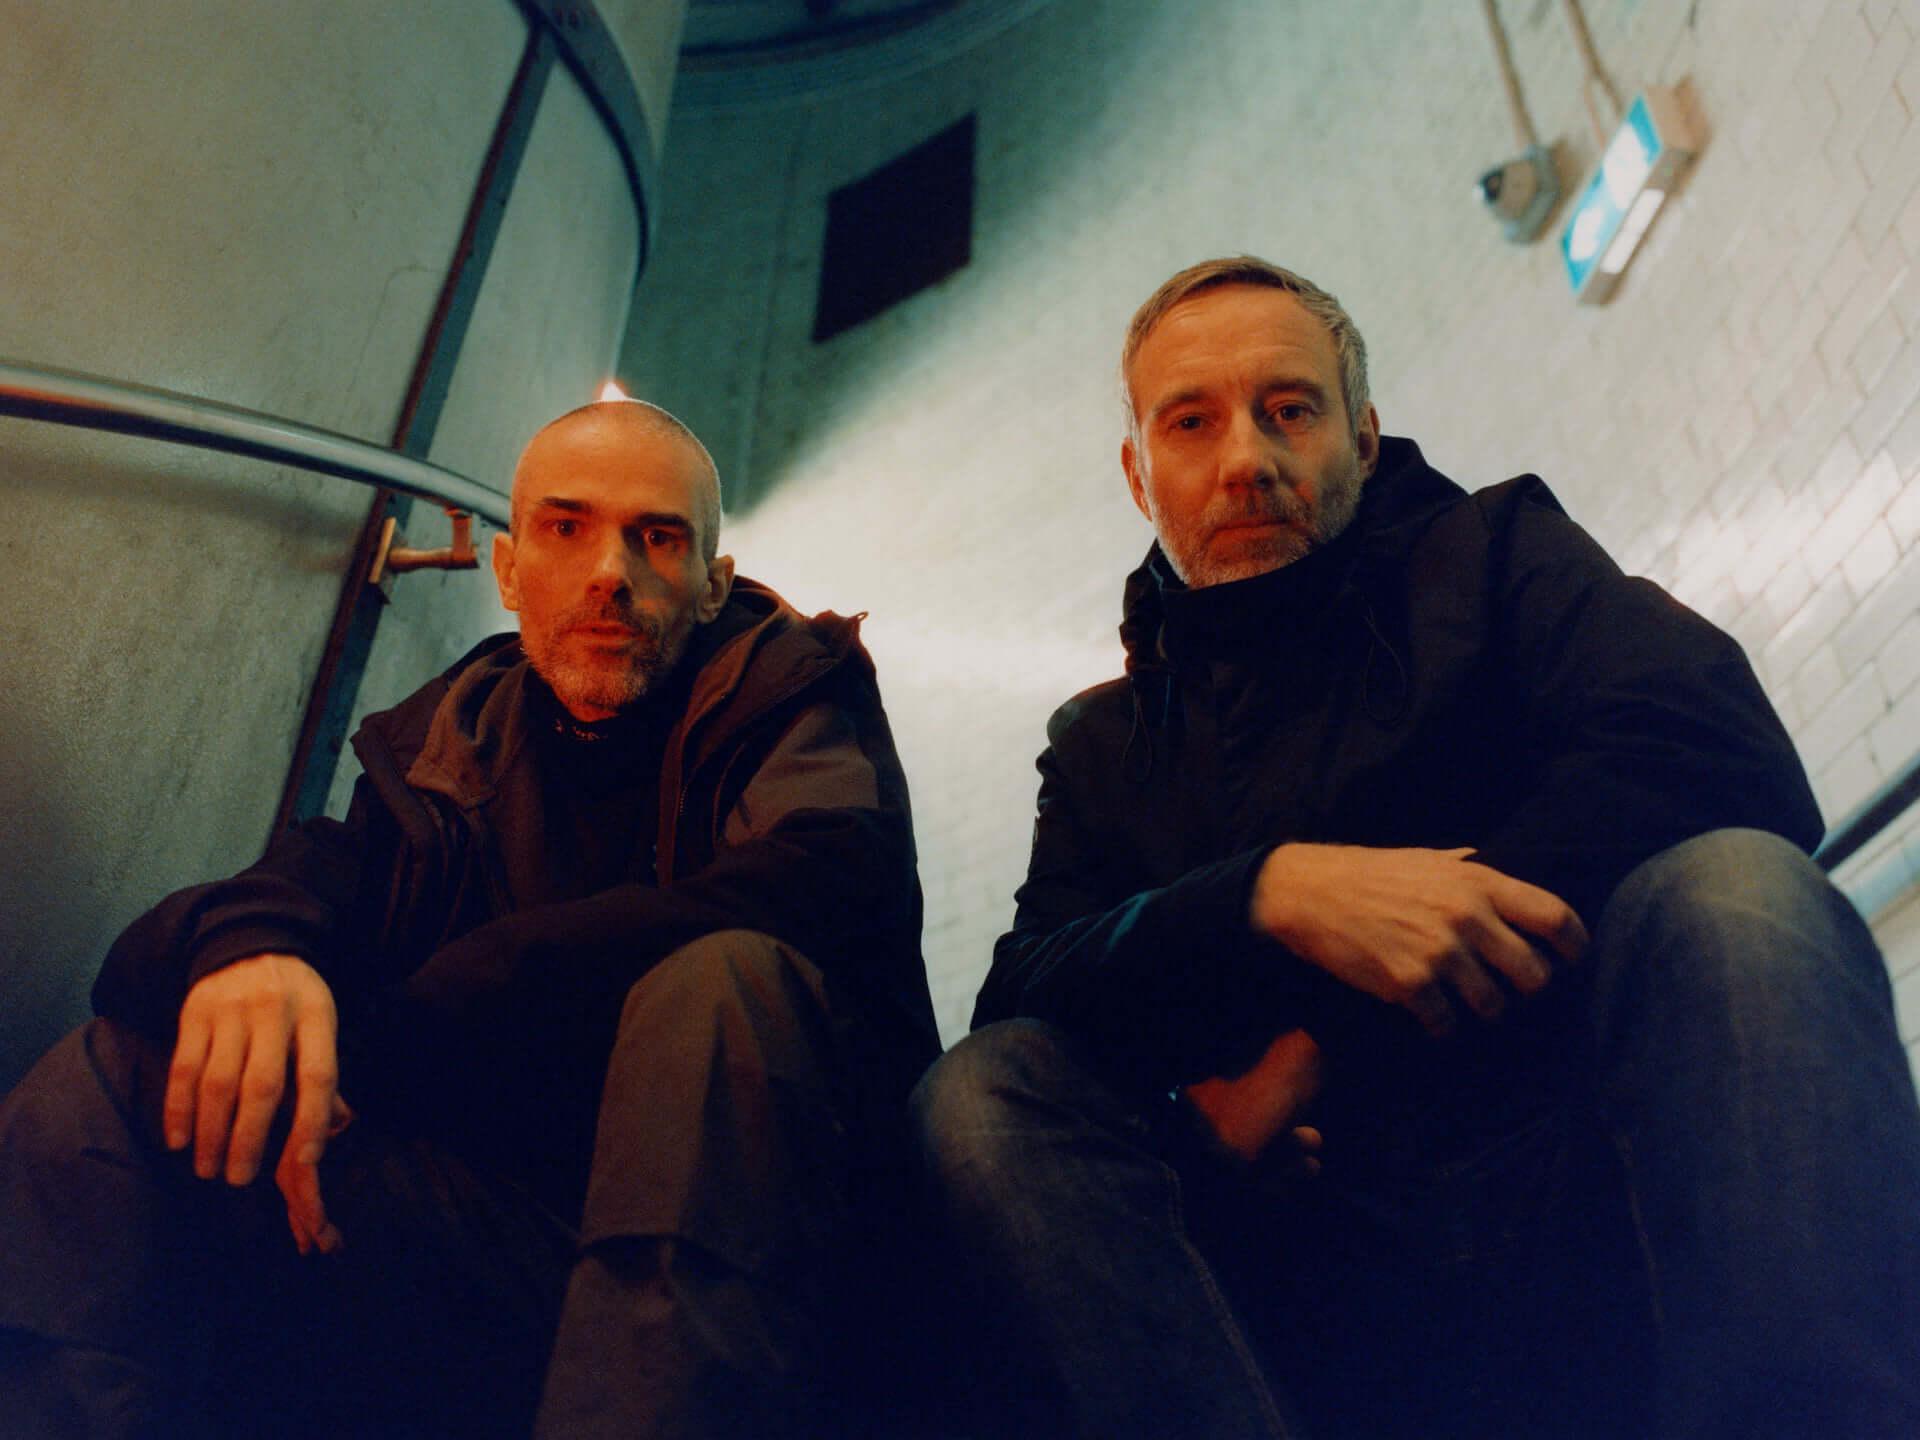 Autechreが『SIGN』に続く新アルバム『PLUS』を突如発表!ロングスリーブTシャツセット、パーカーも発売決定 music201029_autechre_6-1920x1440